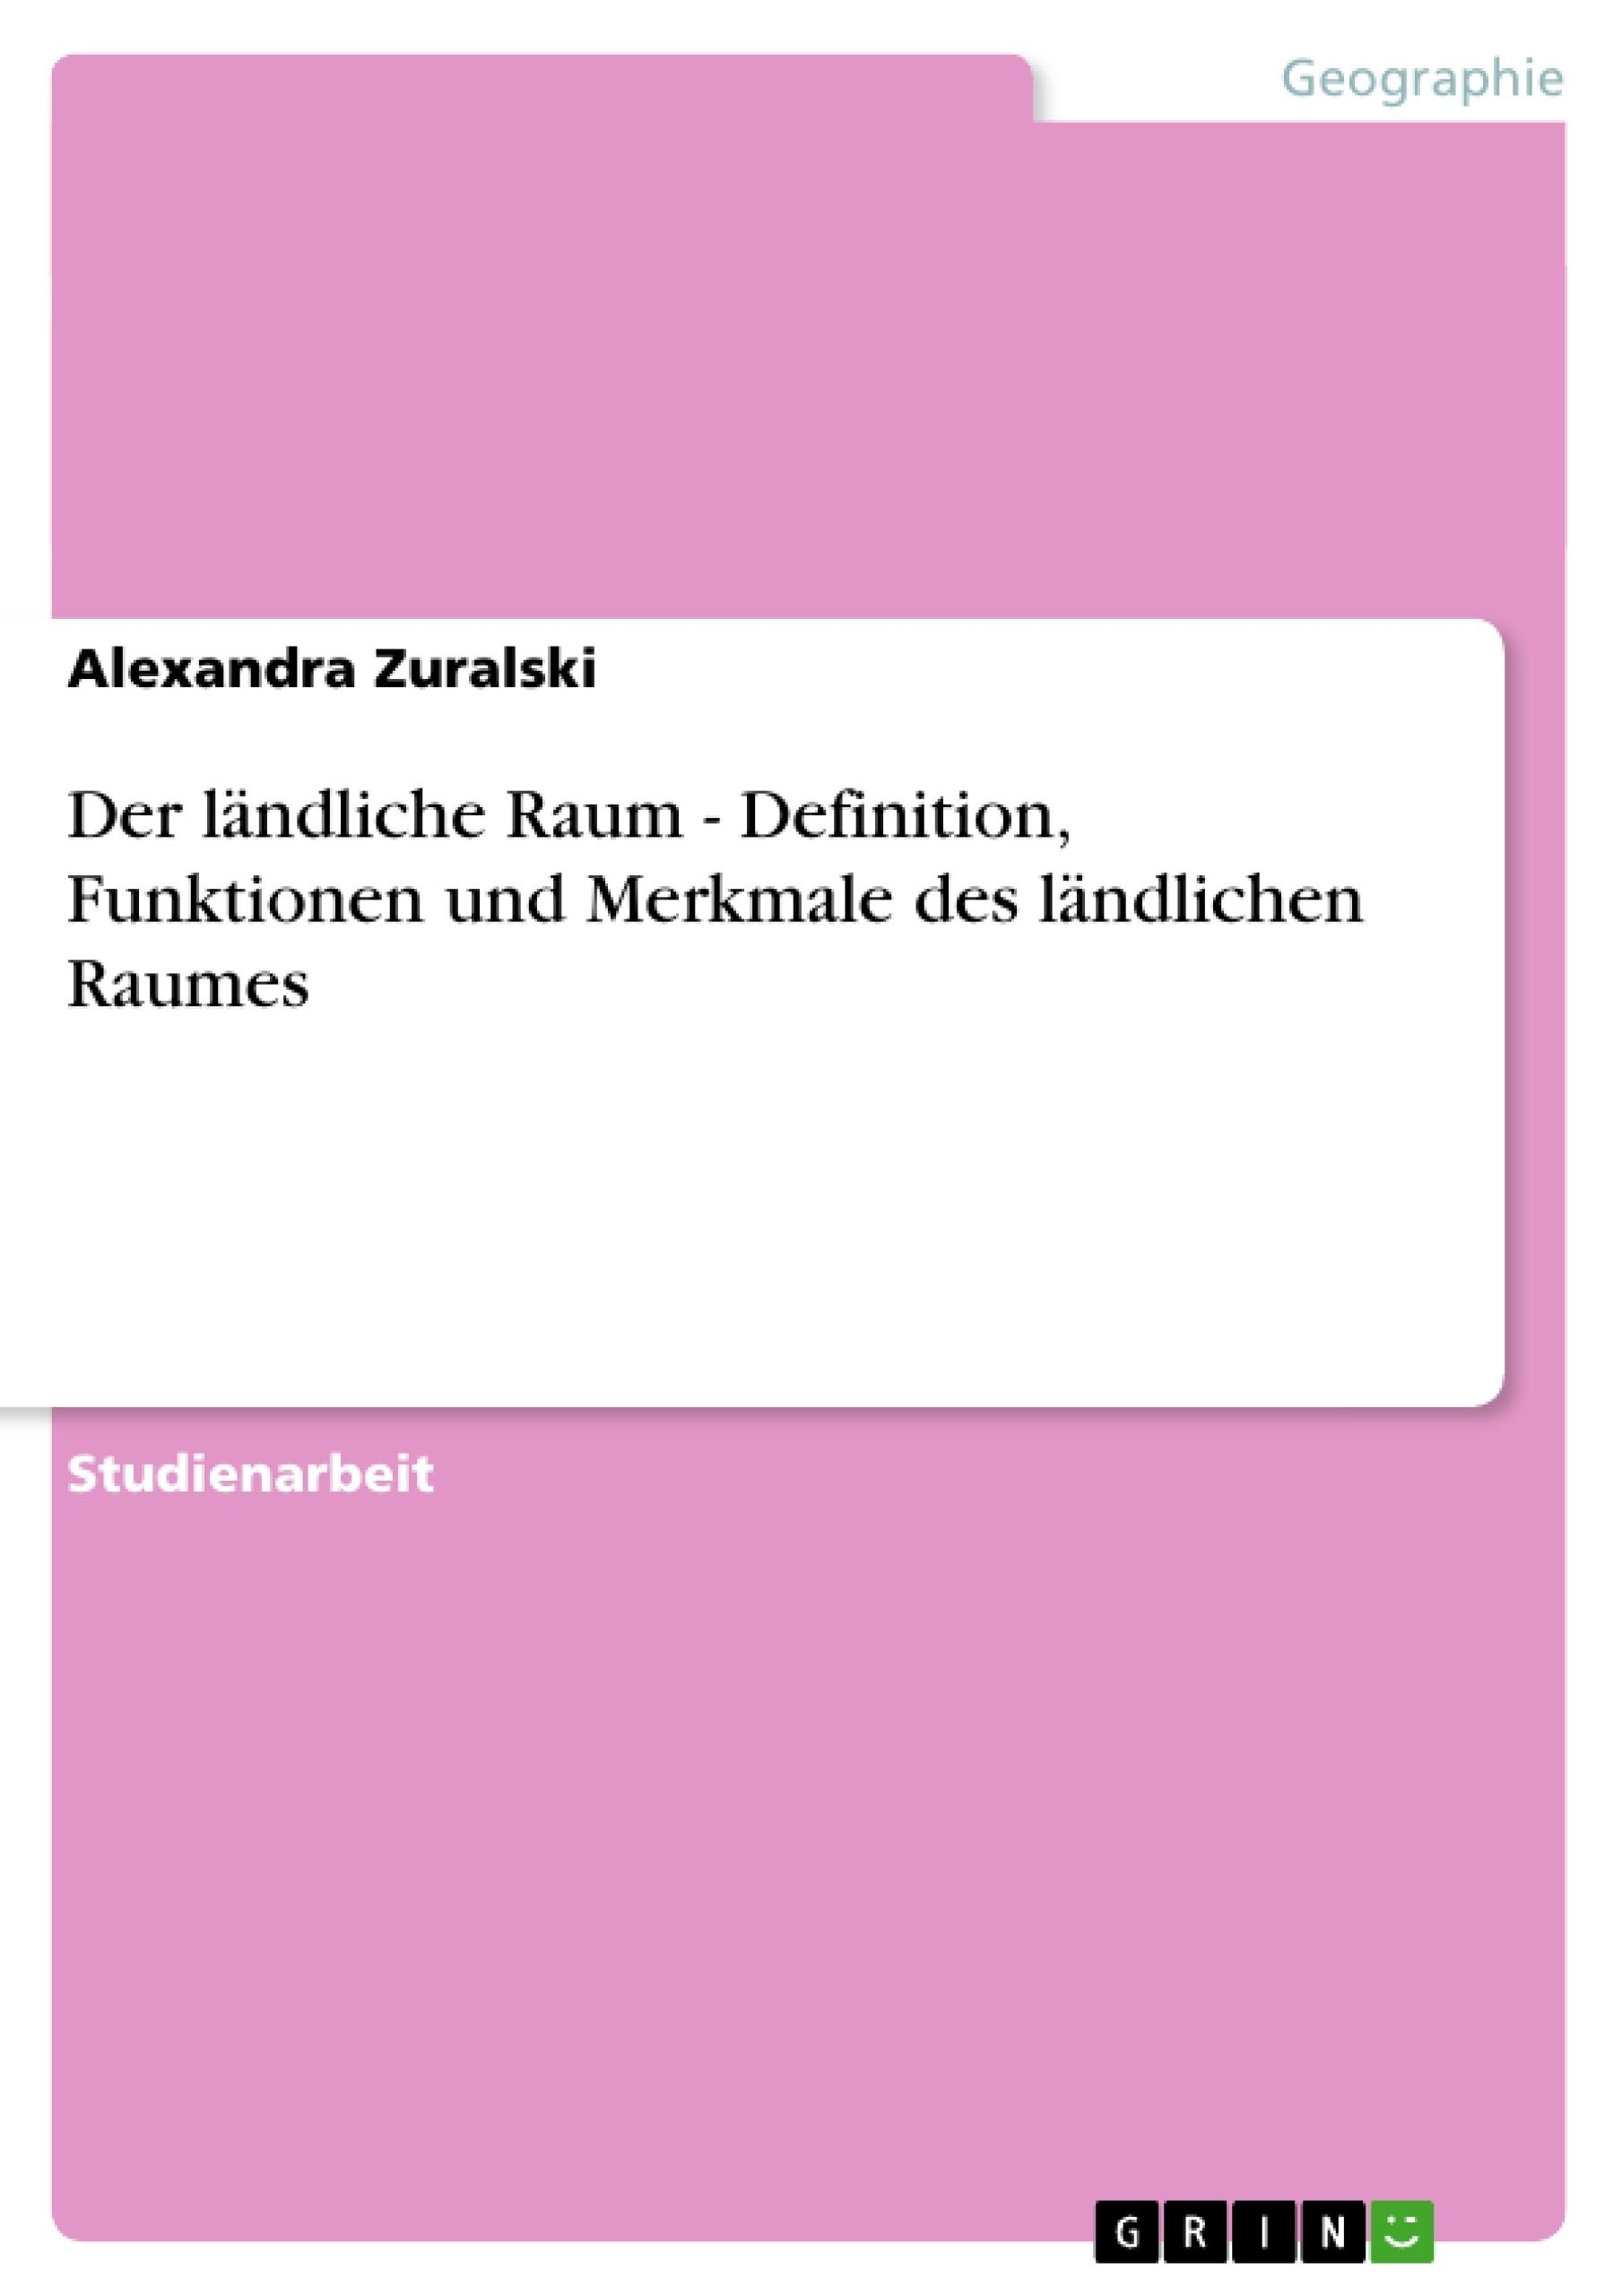 Titel: Der ländliche Raum - Definition, Funktionen und Merkmale des ländlichen Raumes